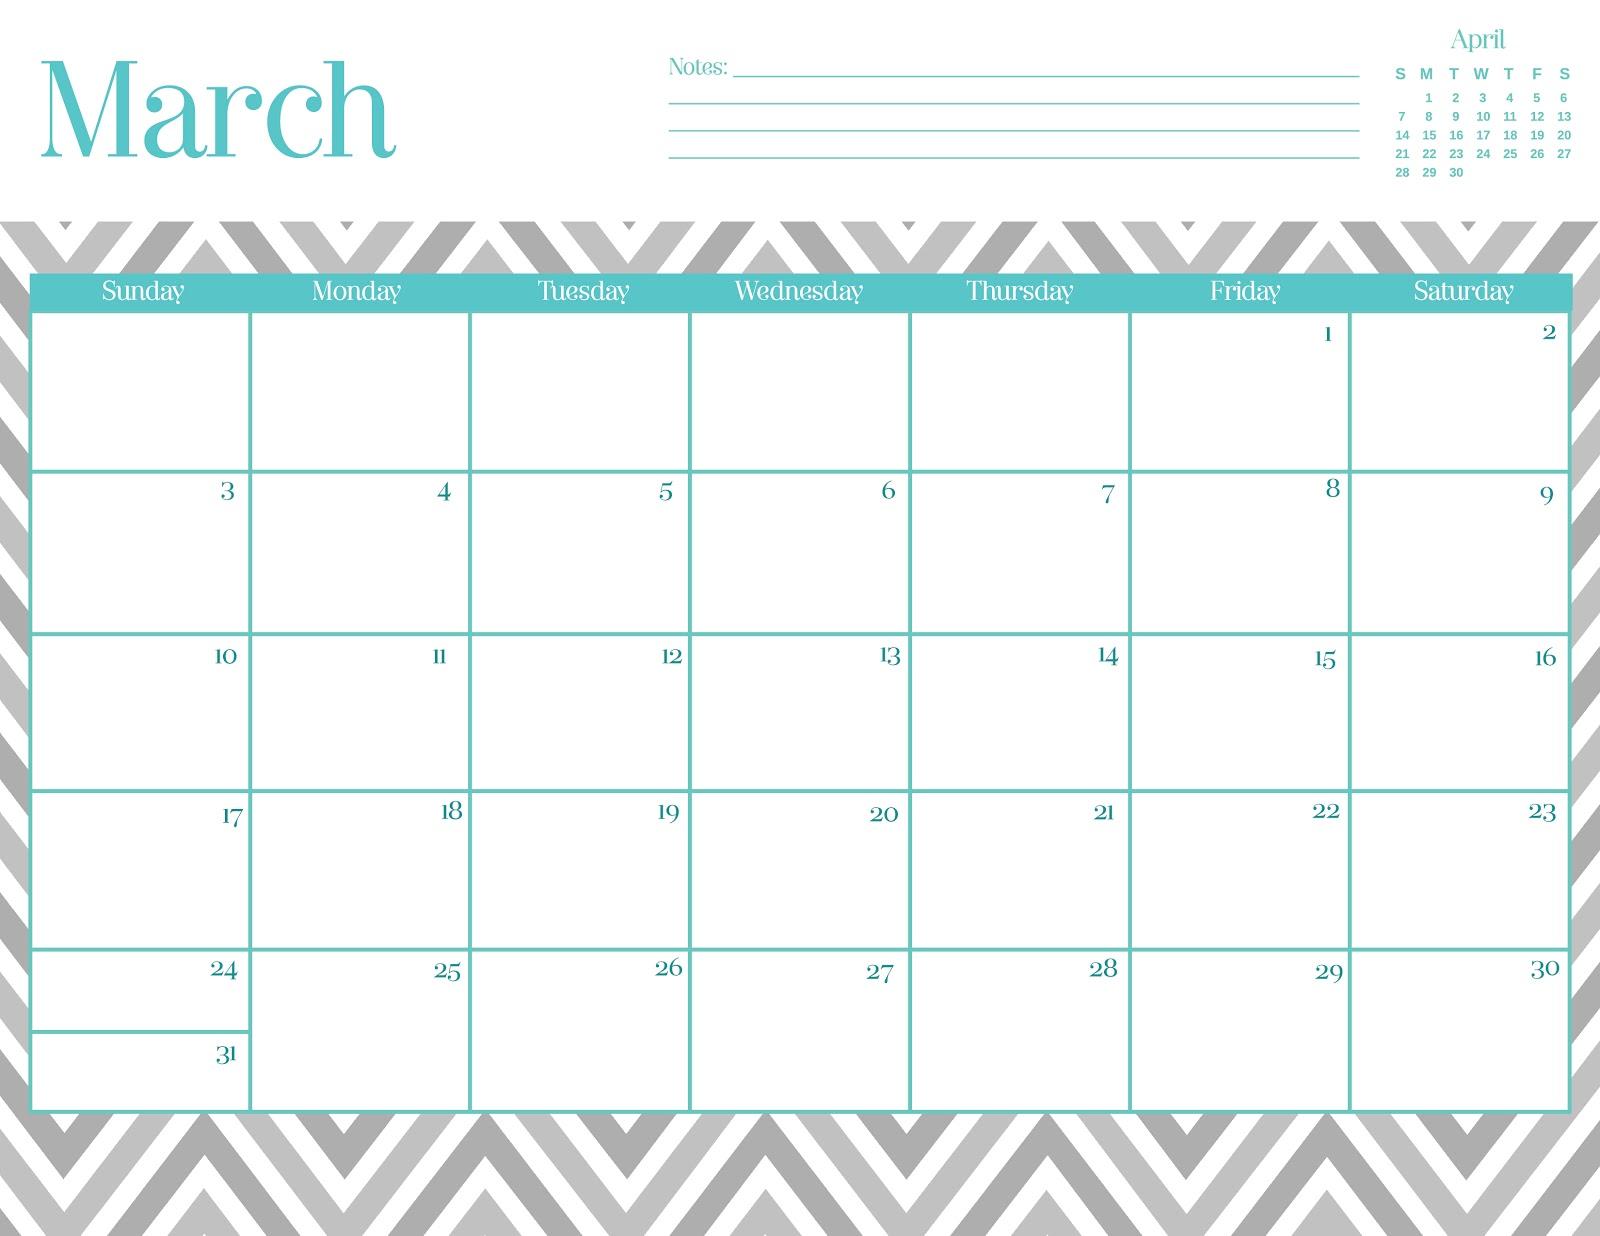 Free Printable Calendar Chevron | Calendar On Pictures